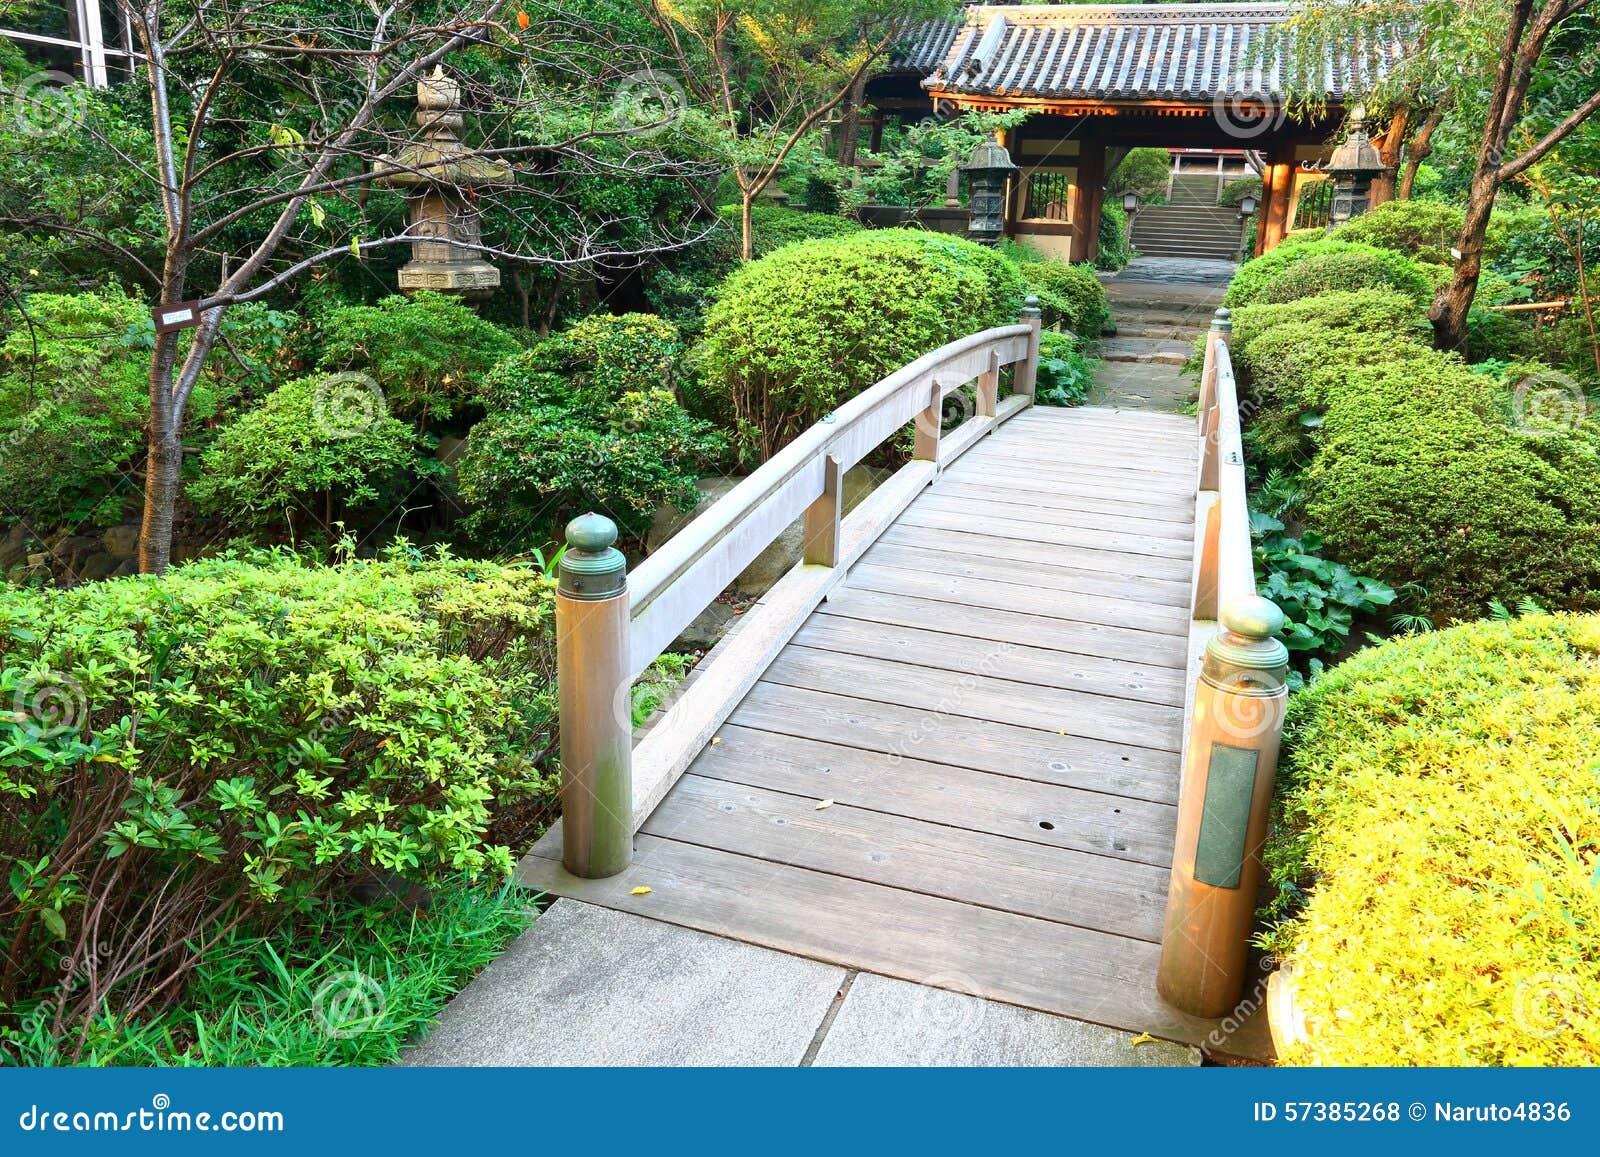 le japon pont en bois au jardin japonais photo stock image du japan architecture 57385268. Black Bedroom Furniture Sets. Home Design Ideas